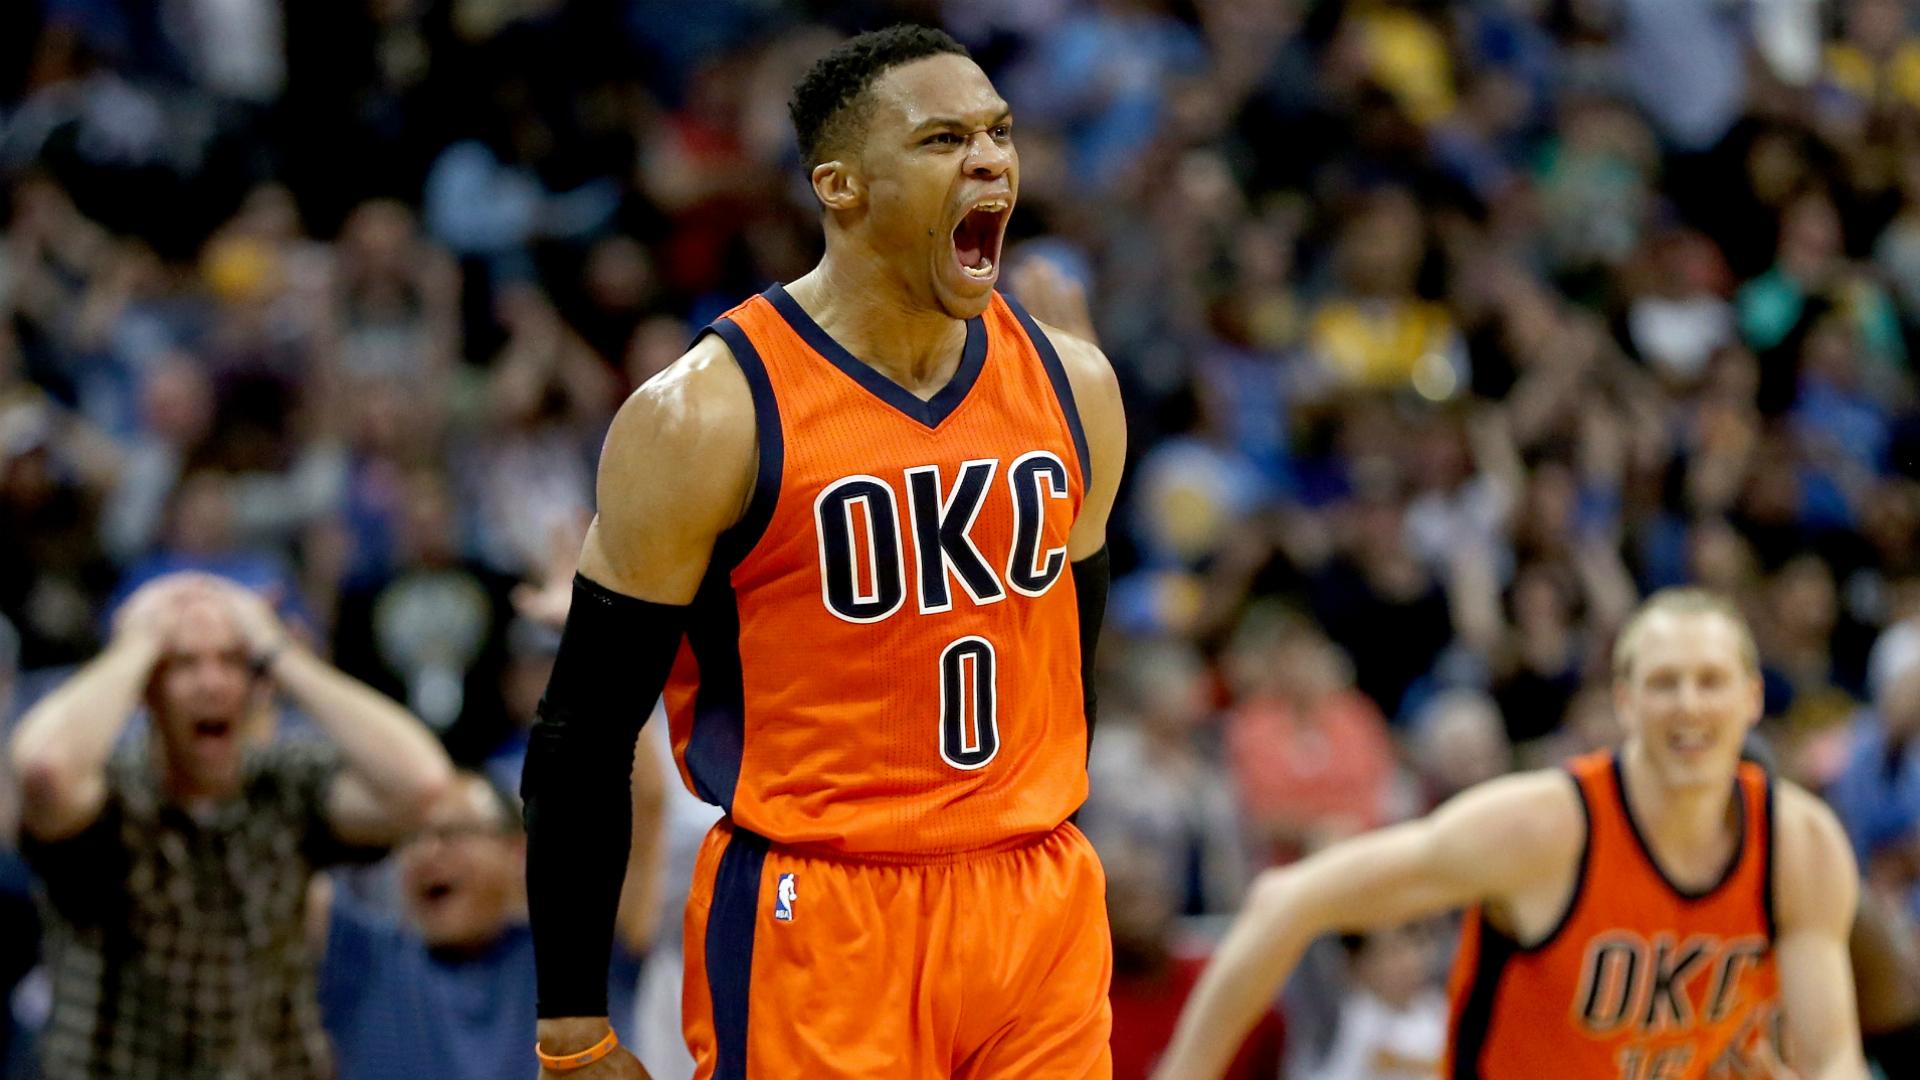 Resumen NBA año 2017. La fuerza, el estilo de Westbrook, claro protagonista de la NBA en 2017.